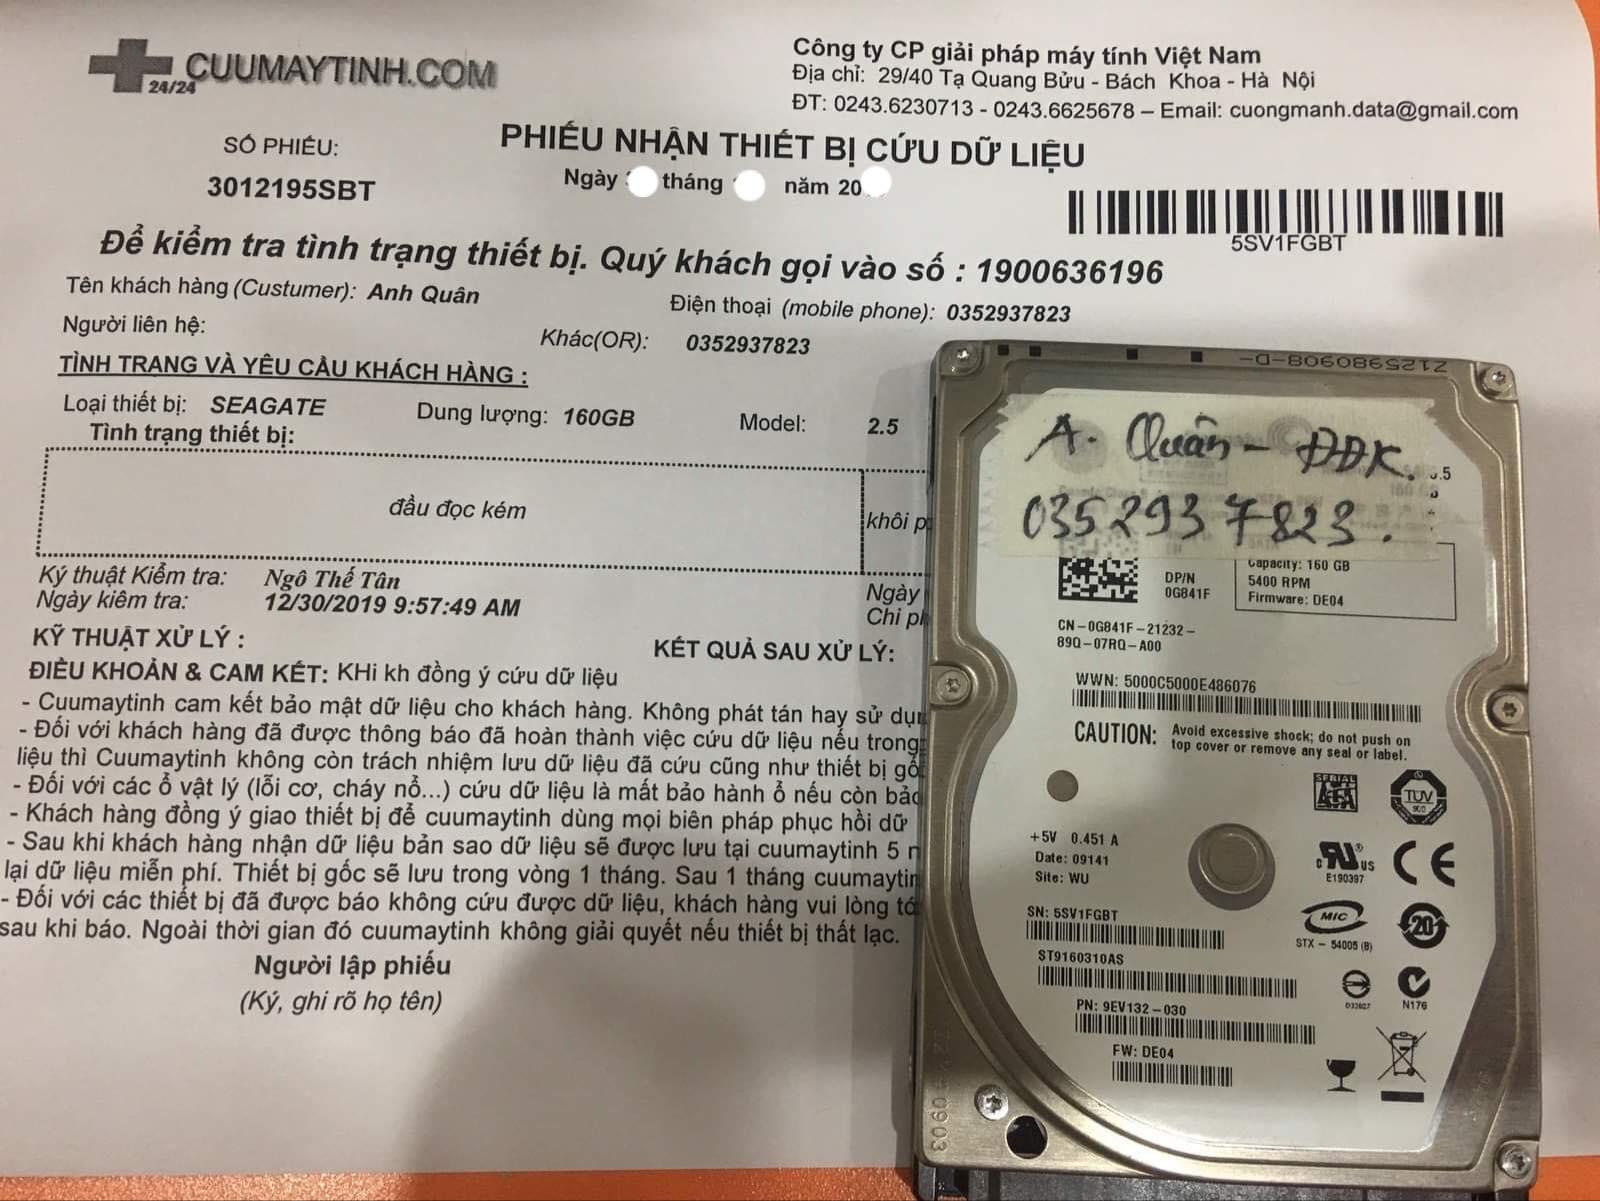 Khôi phục dữ liệu ổ cứng Seagate 160GB đầu đọc kém 13/01/2020 - cuumaytinh